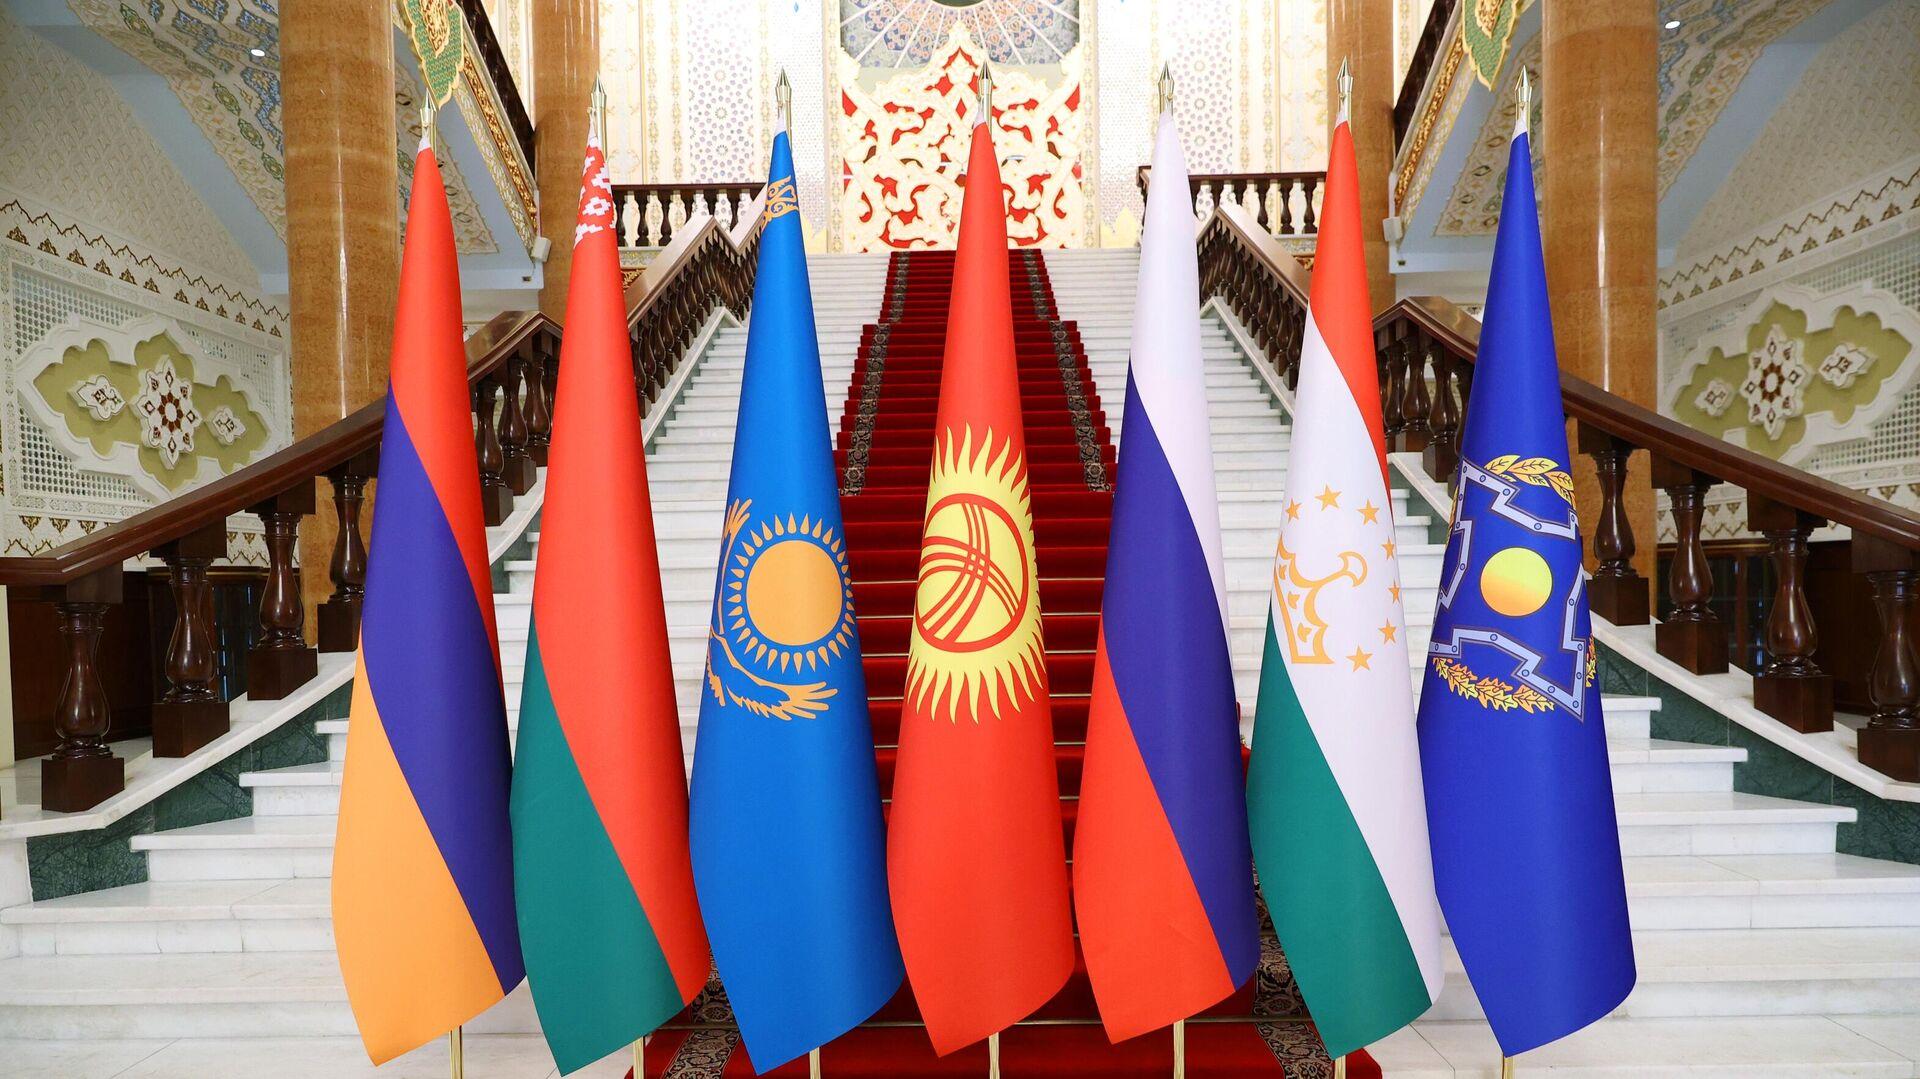 Заседание Совета коллективной безопасности ОДКБ - Sputnik Армения, 1920, 17.09.2021